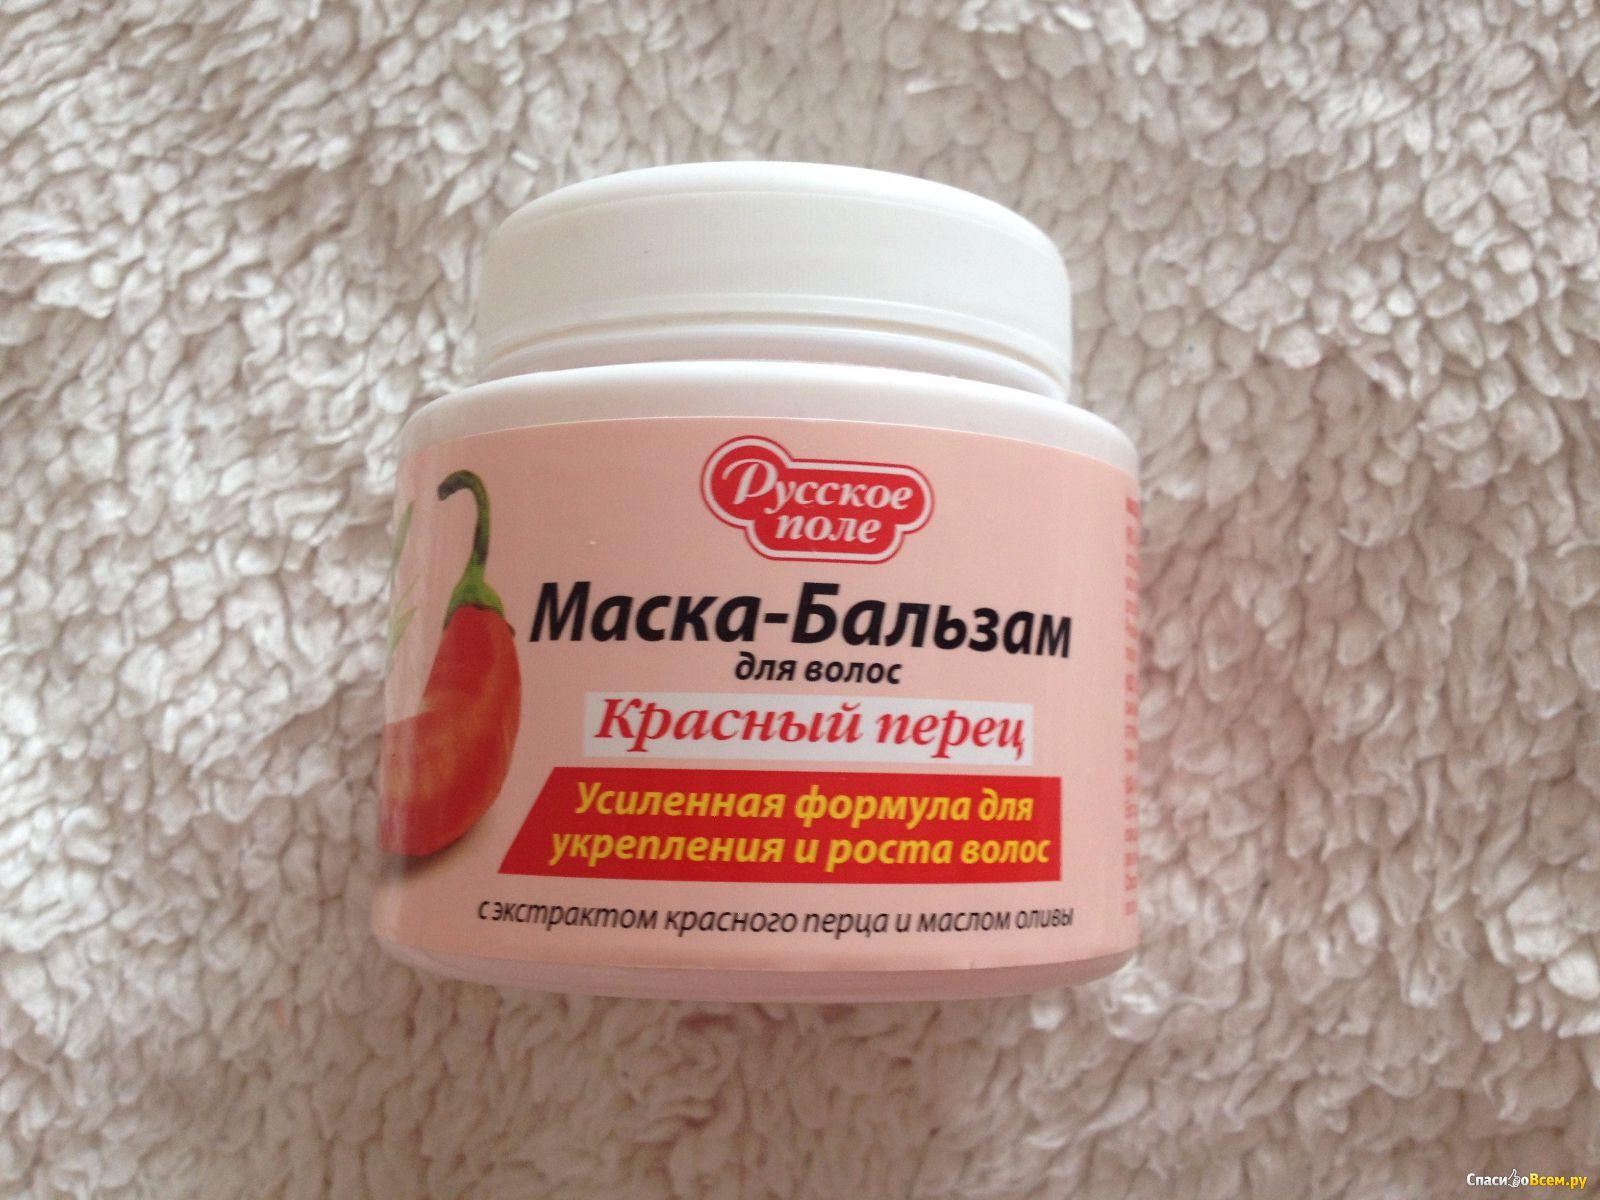 Рецепт маски для волос с красным перцами